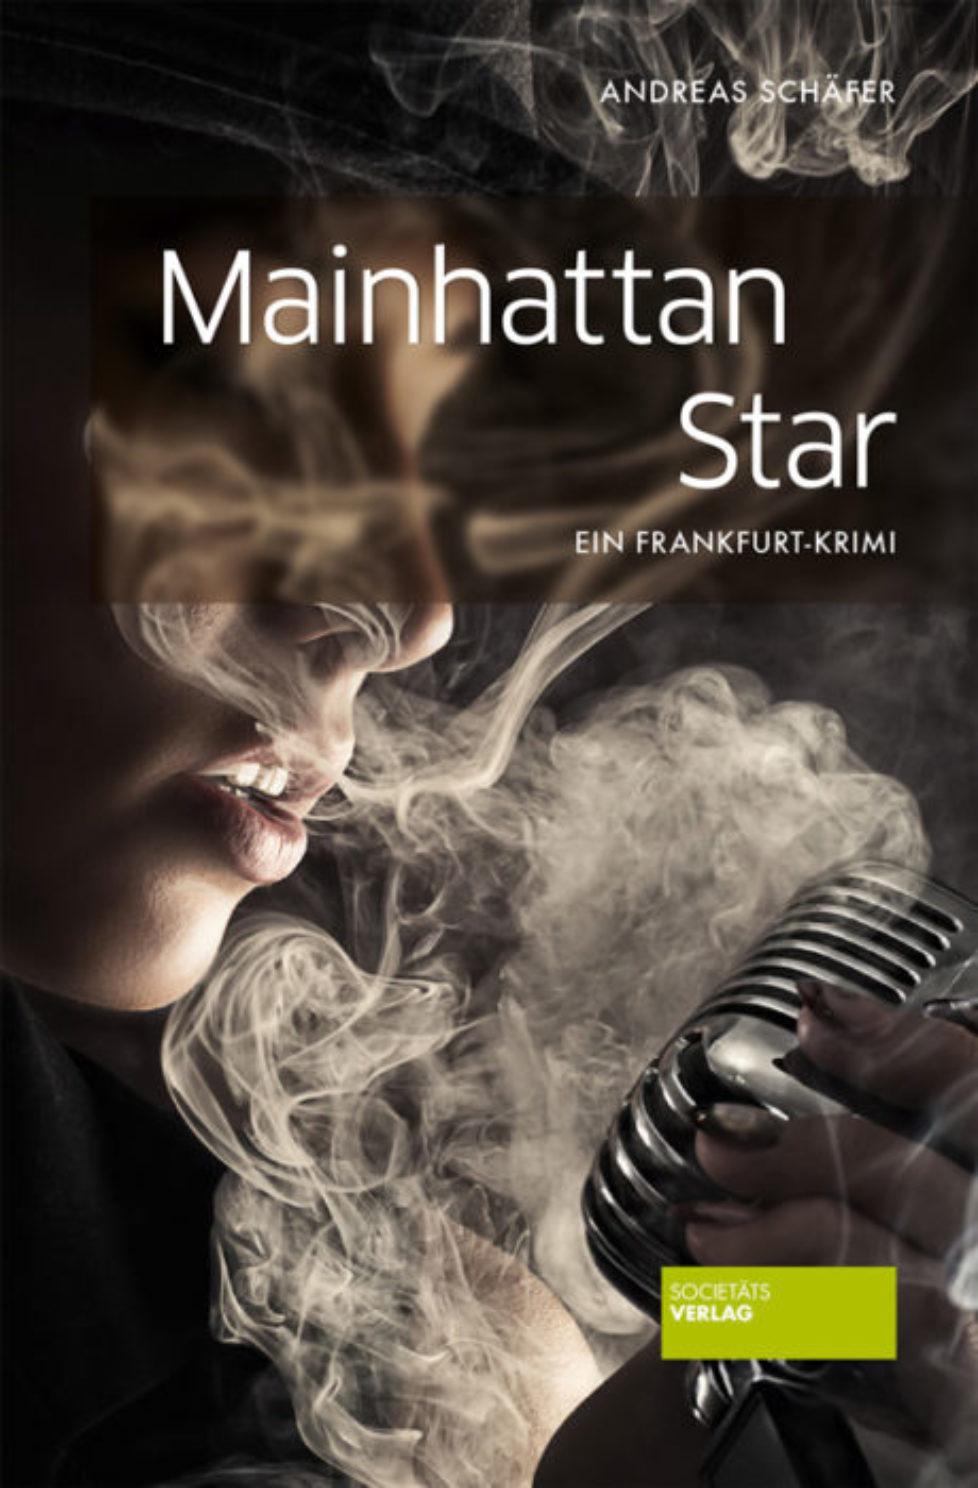 ANDREAS SCHÄFER: MAINHATTAN STAR